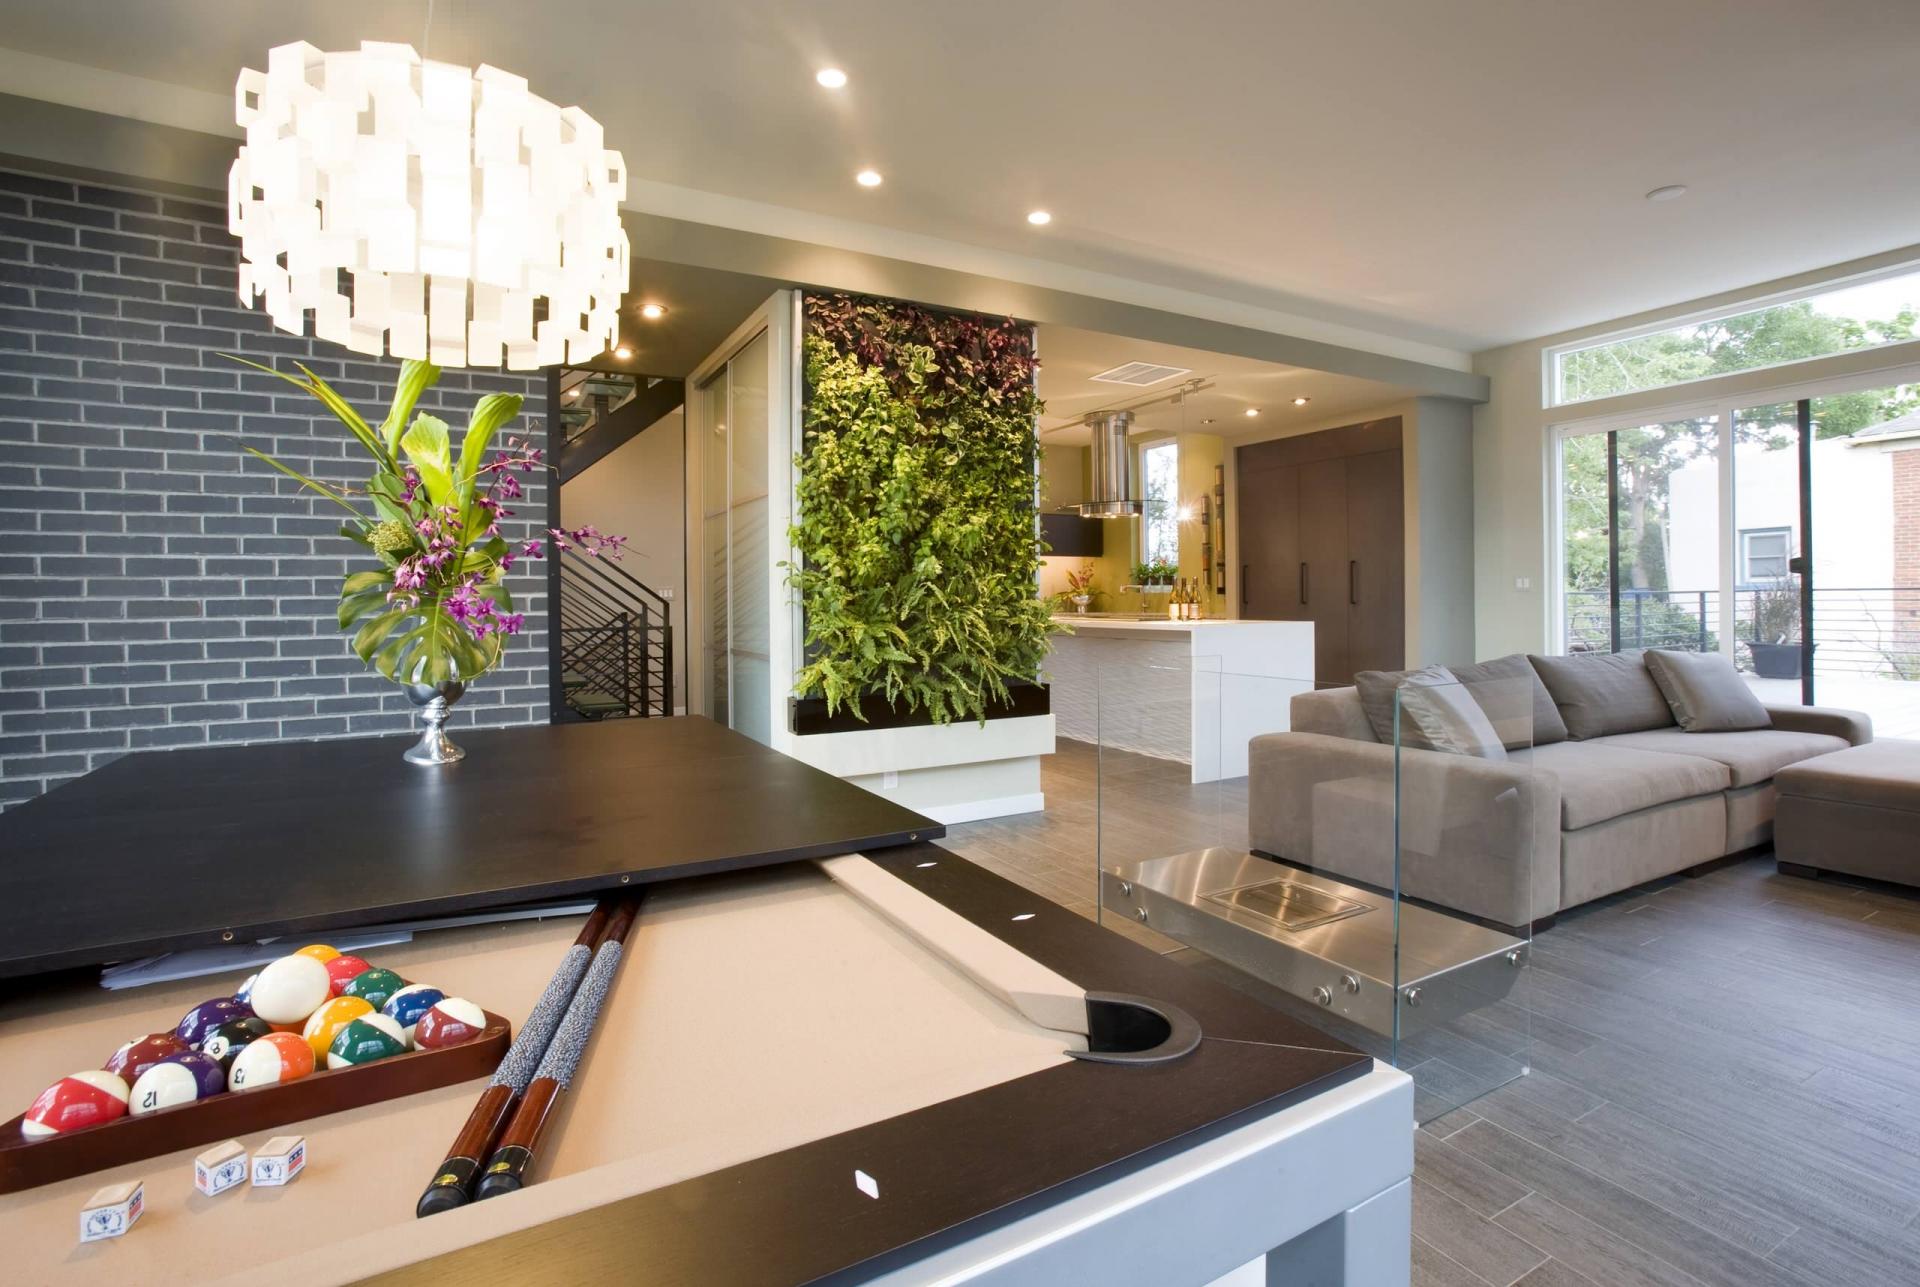 Небольшая люстра и точечное освещение в квартире в стиле фьюжн